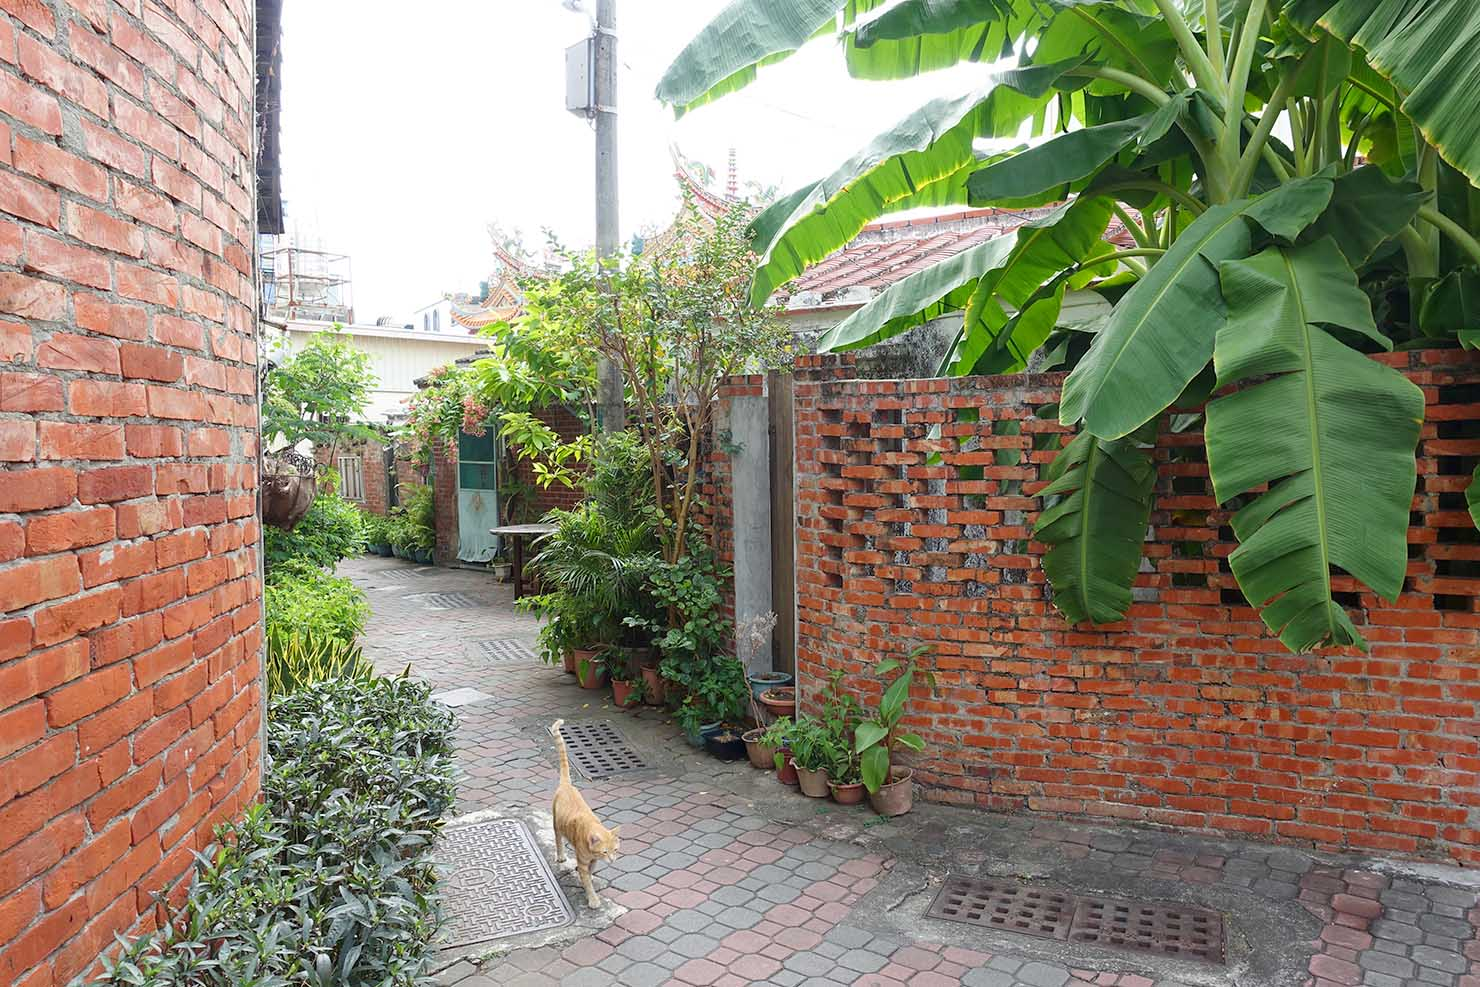 台湾の古都・台南のおすすめ観光エリア「安平」の路地裏